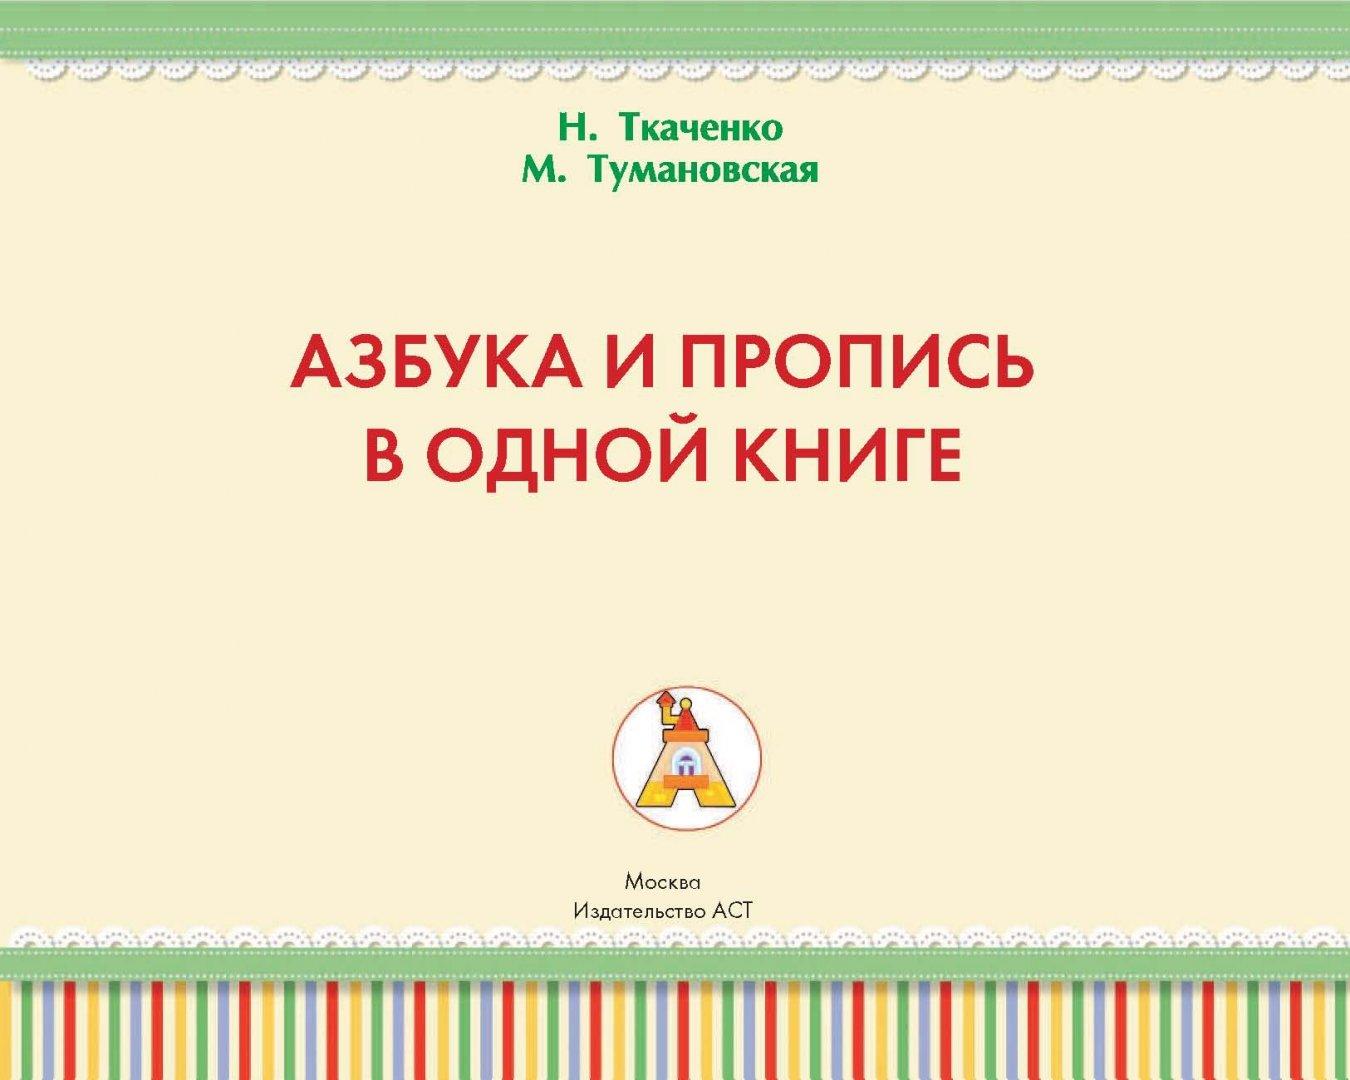 Иллюстрация 1 из 31 для Азбука и пропись в одной книге - Ткаченко, Тумановская | Лабиринт - книги. Источник: Лабиринт